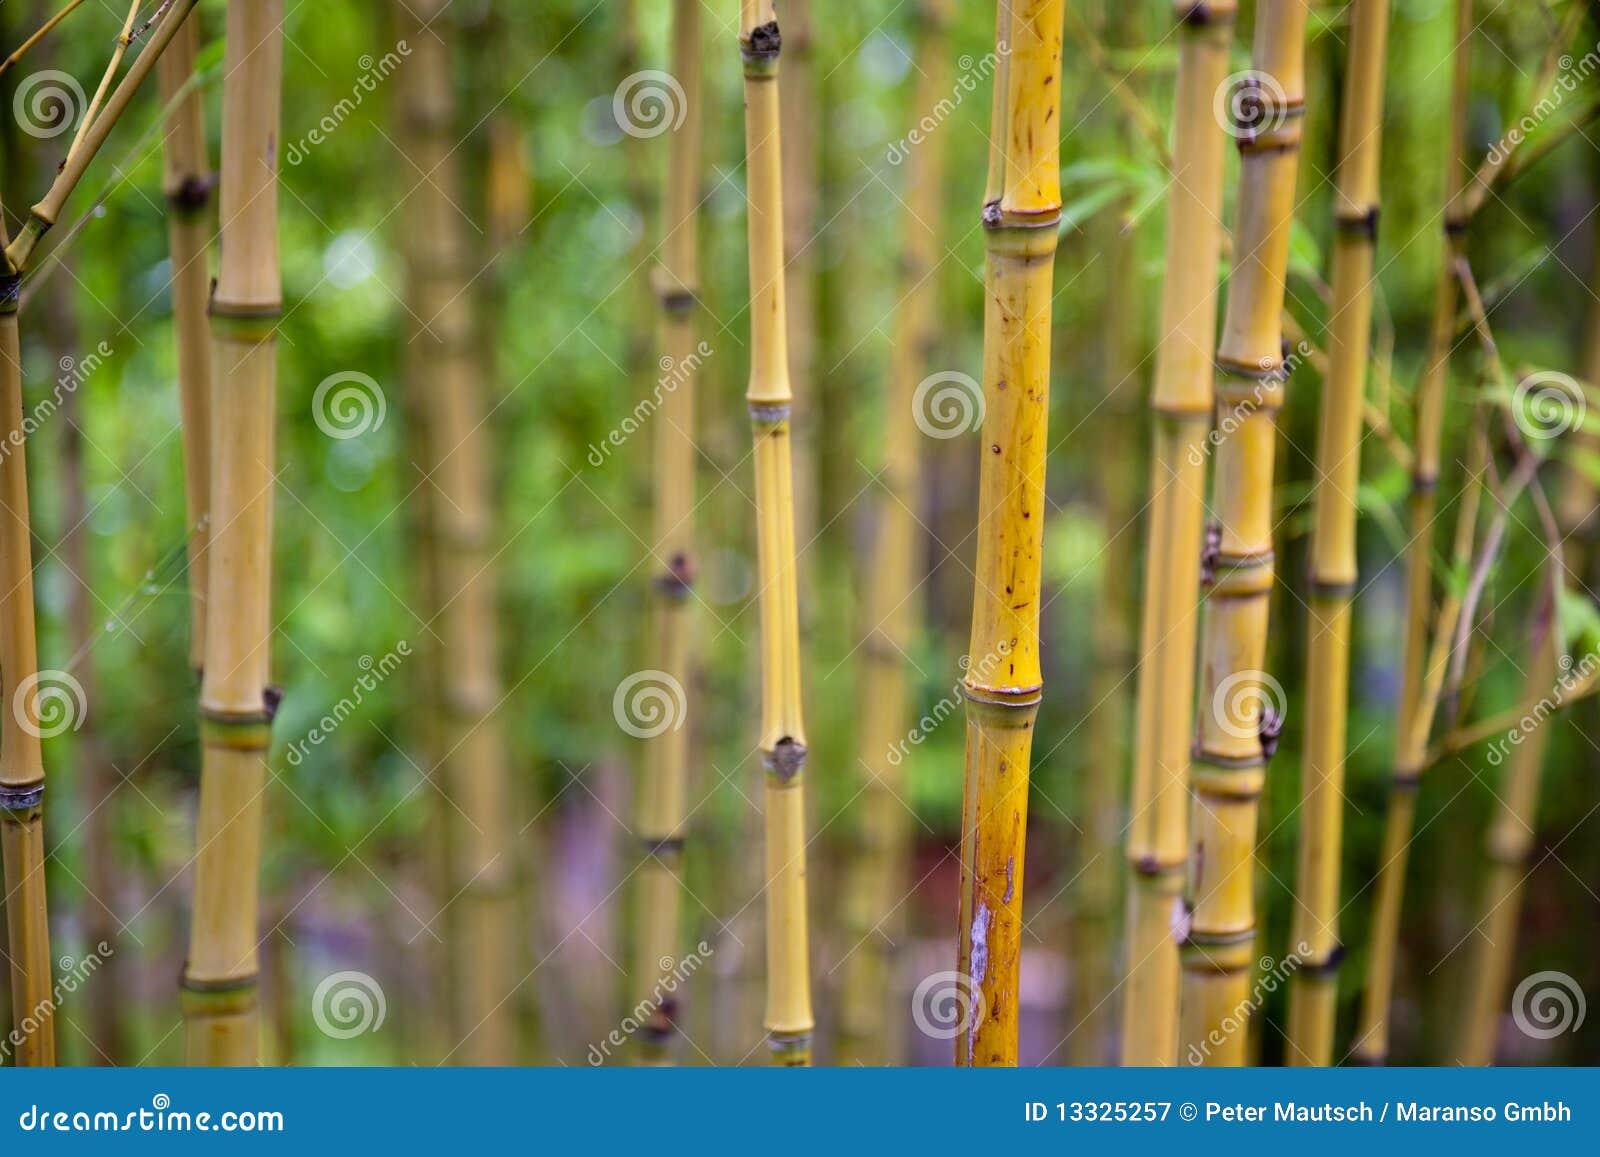 Bambusowi krótkopędy